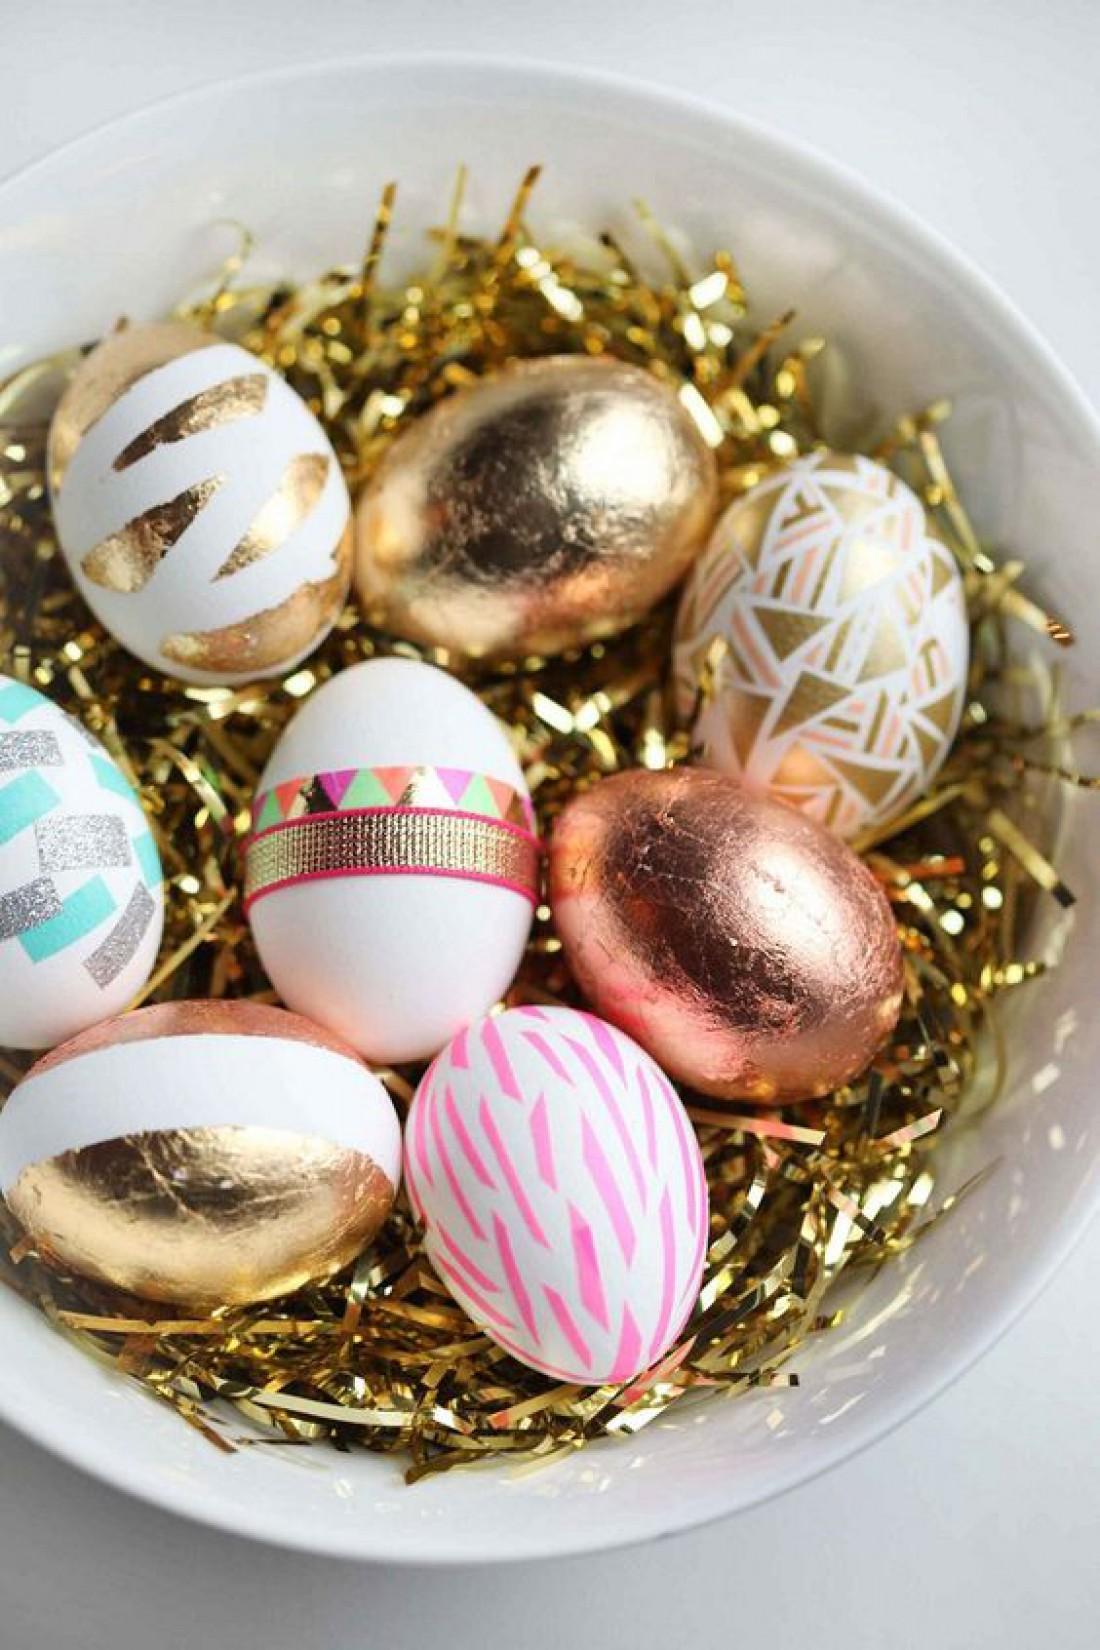 Сколько можно съесть куличей и яиц на Пасху? Советы диетолога